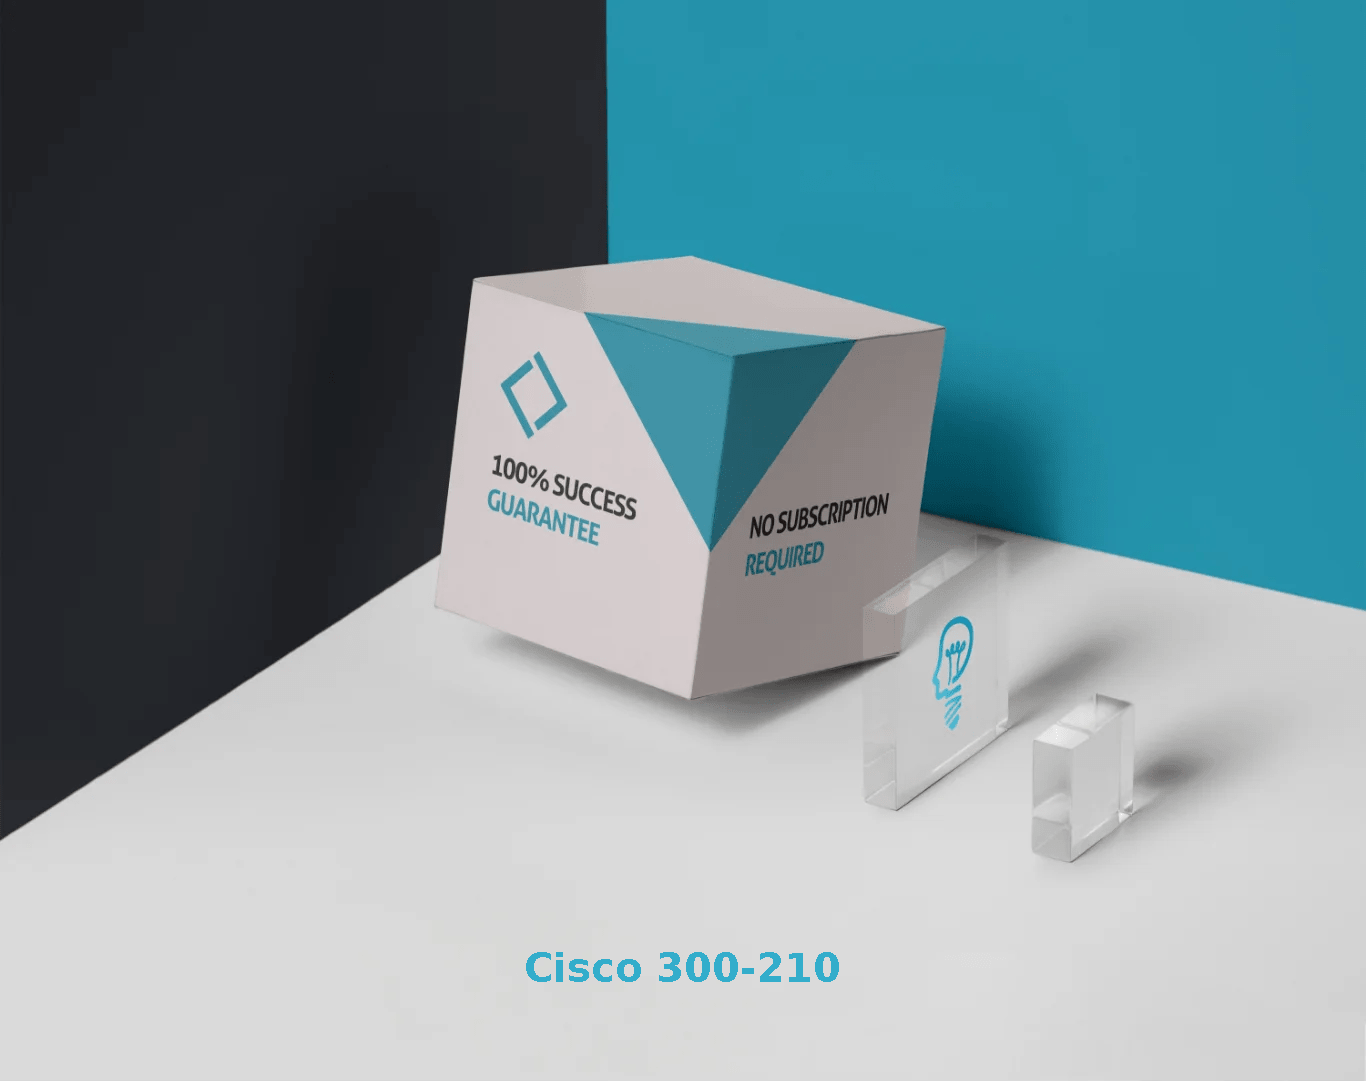 Cisco 300-210 Exams